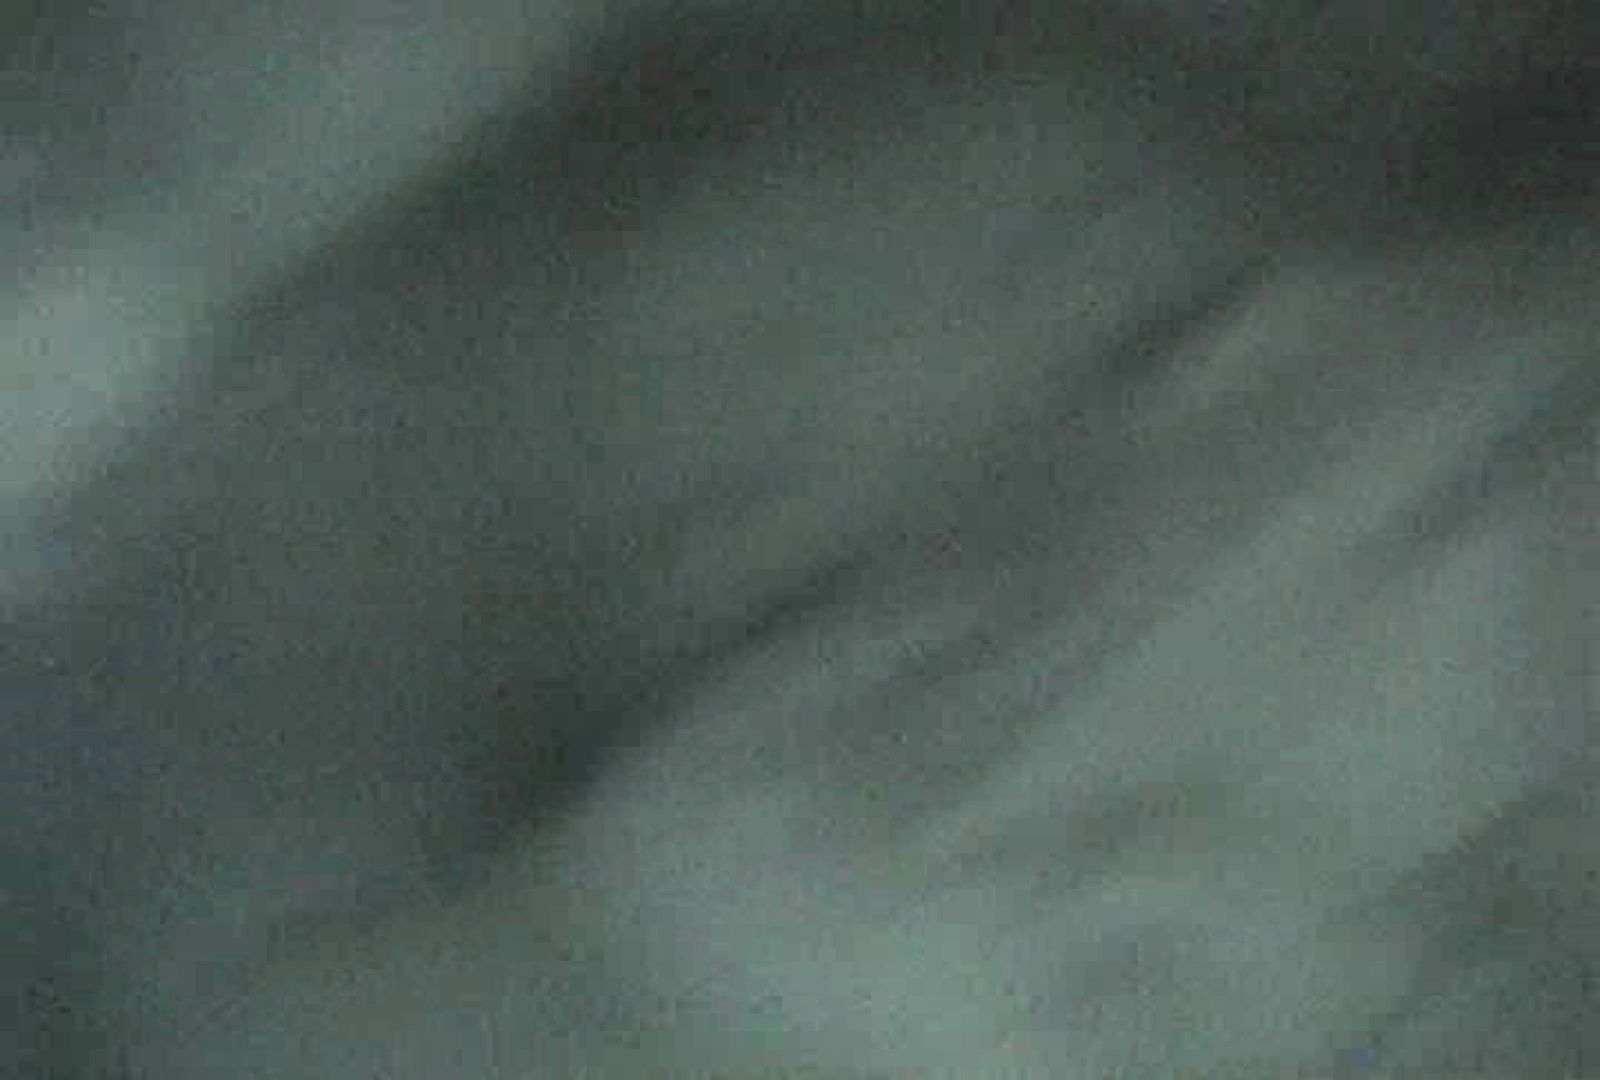 充血監督の深夜の運動会Vol.43 OLヌード天国 | 車でエッチ  87PIX 73